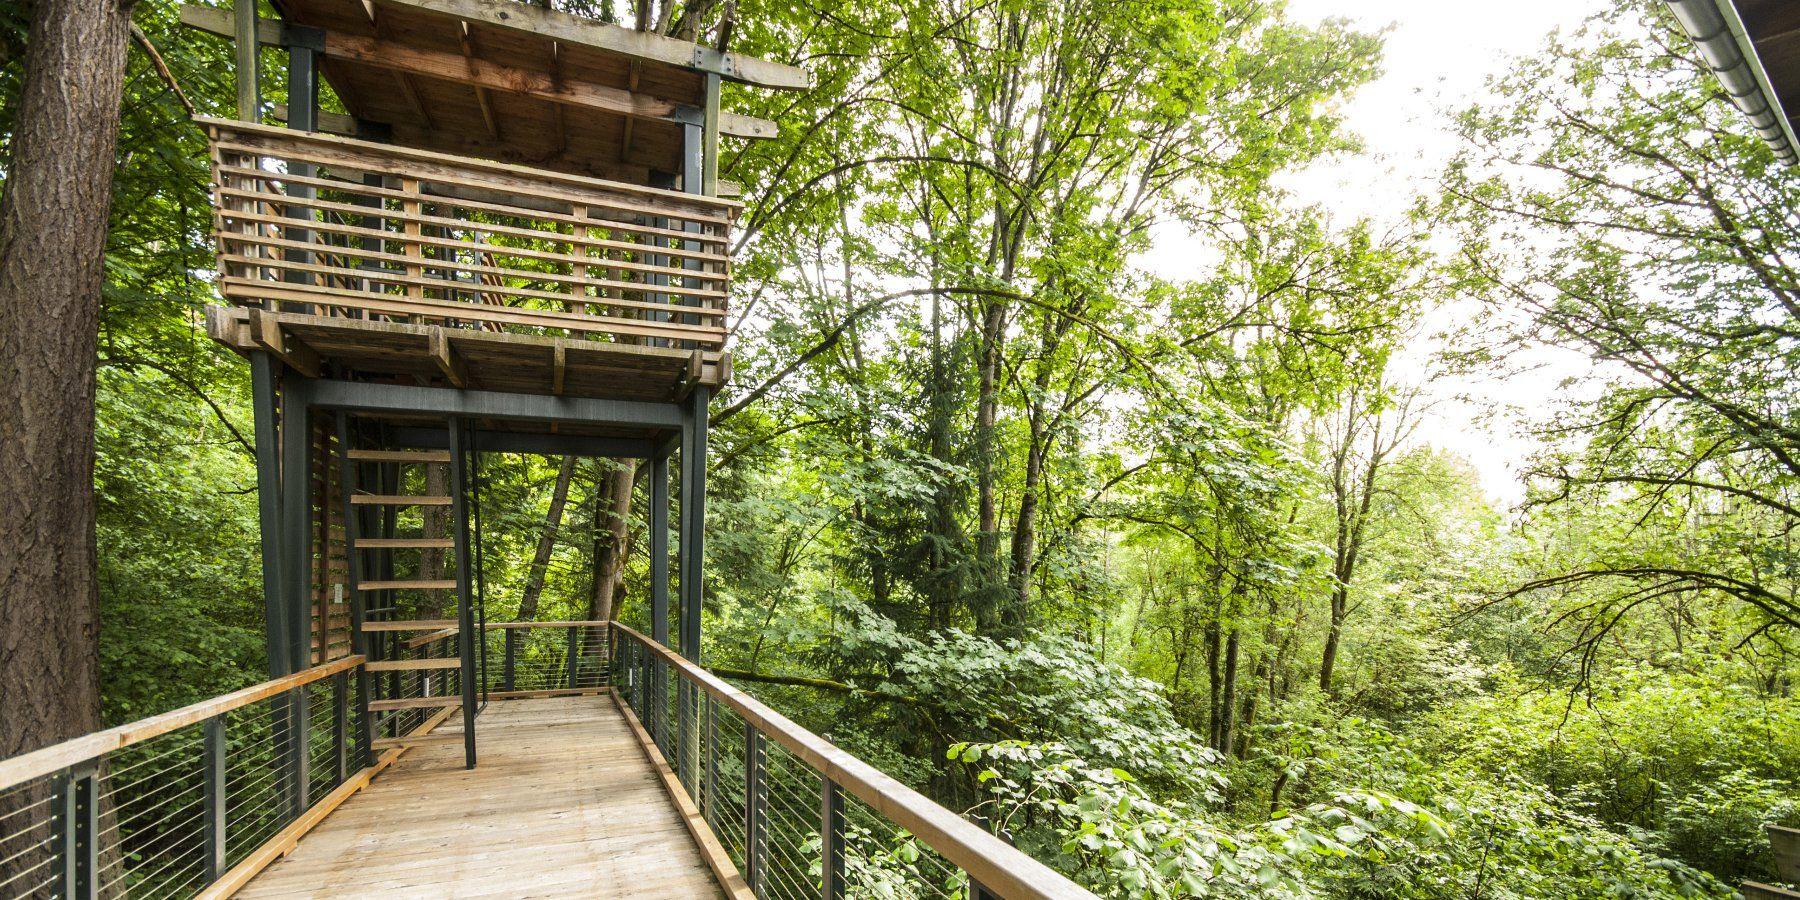 Mercer Slough Nature Park Environmental Learning Center - Mercer